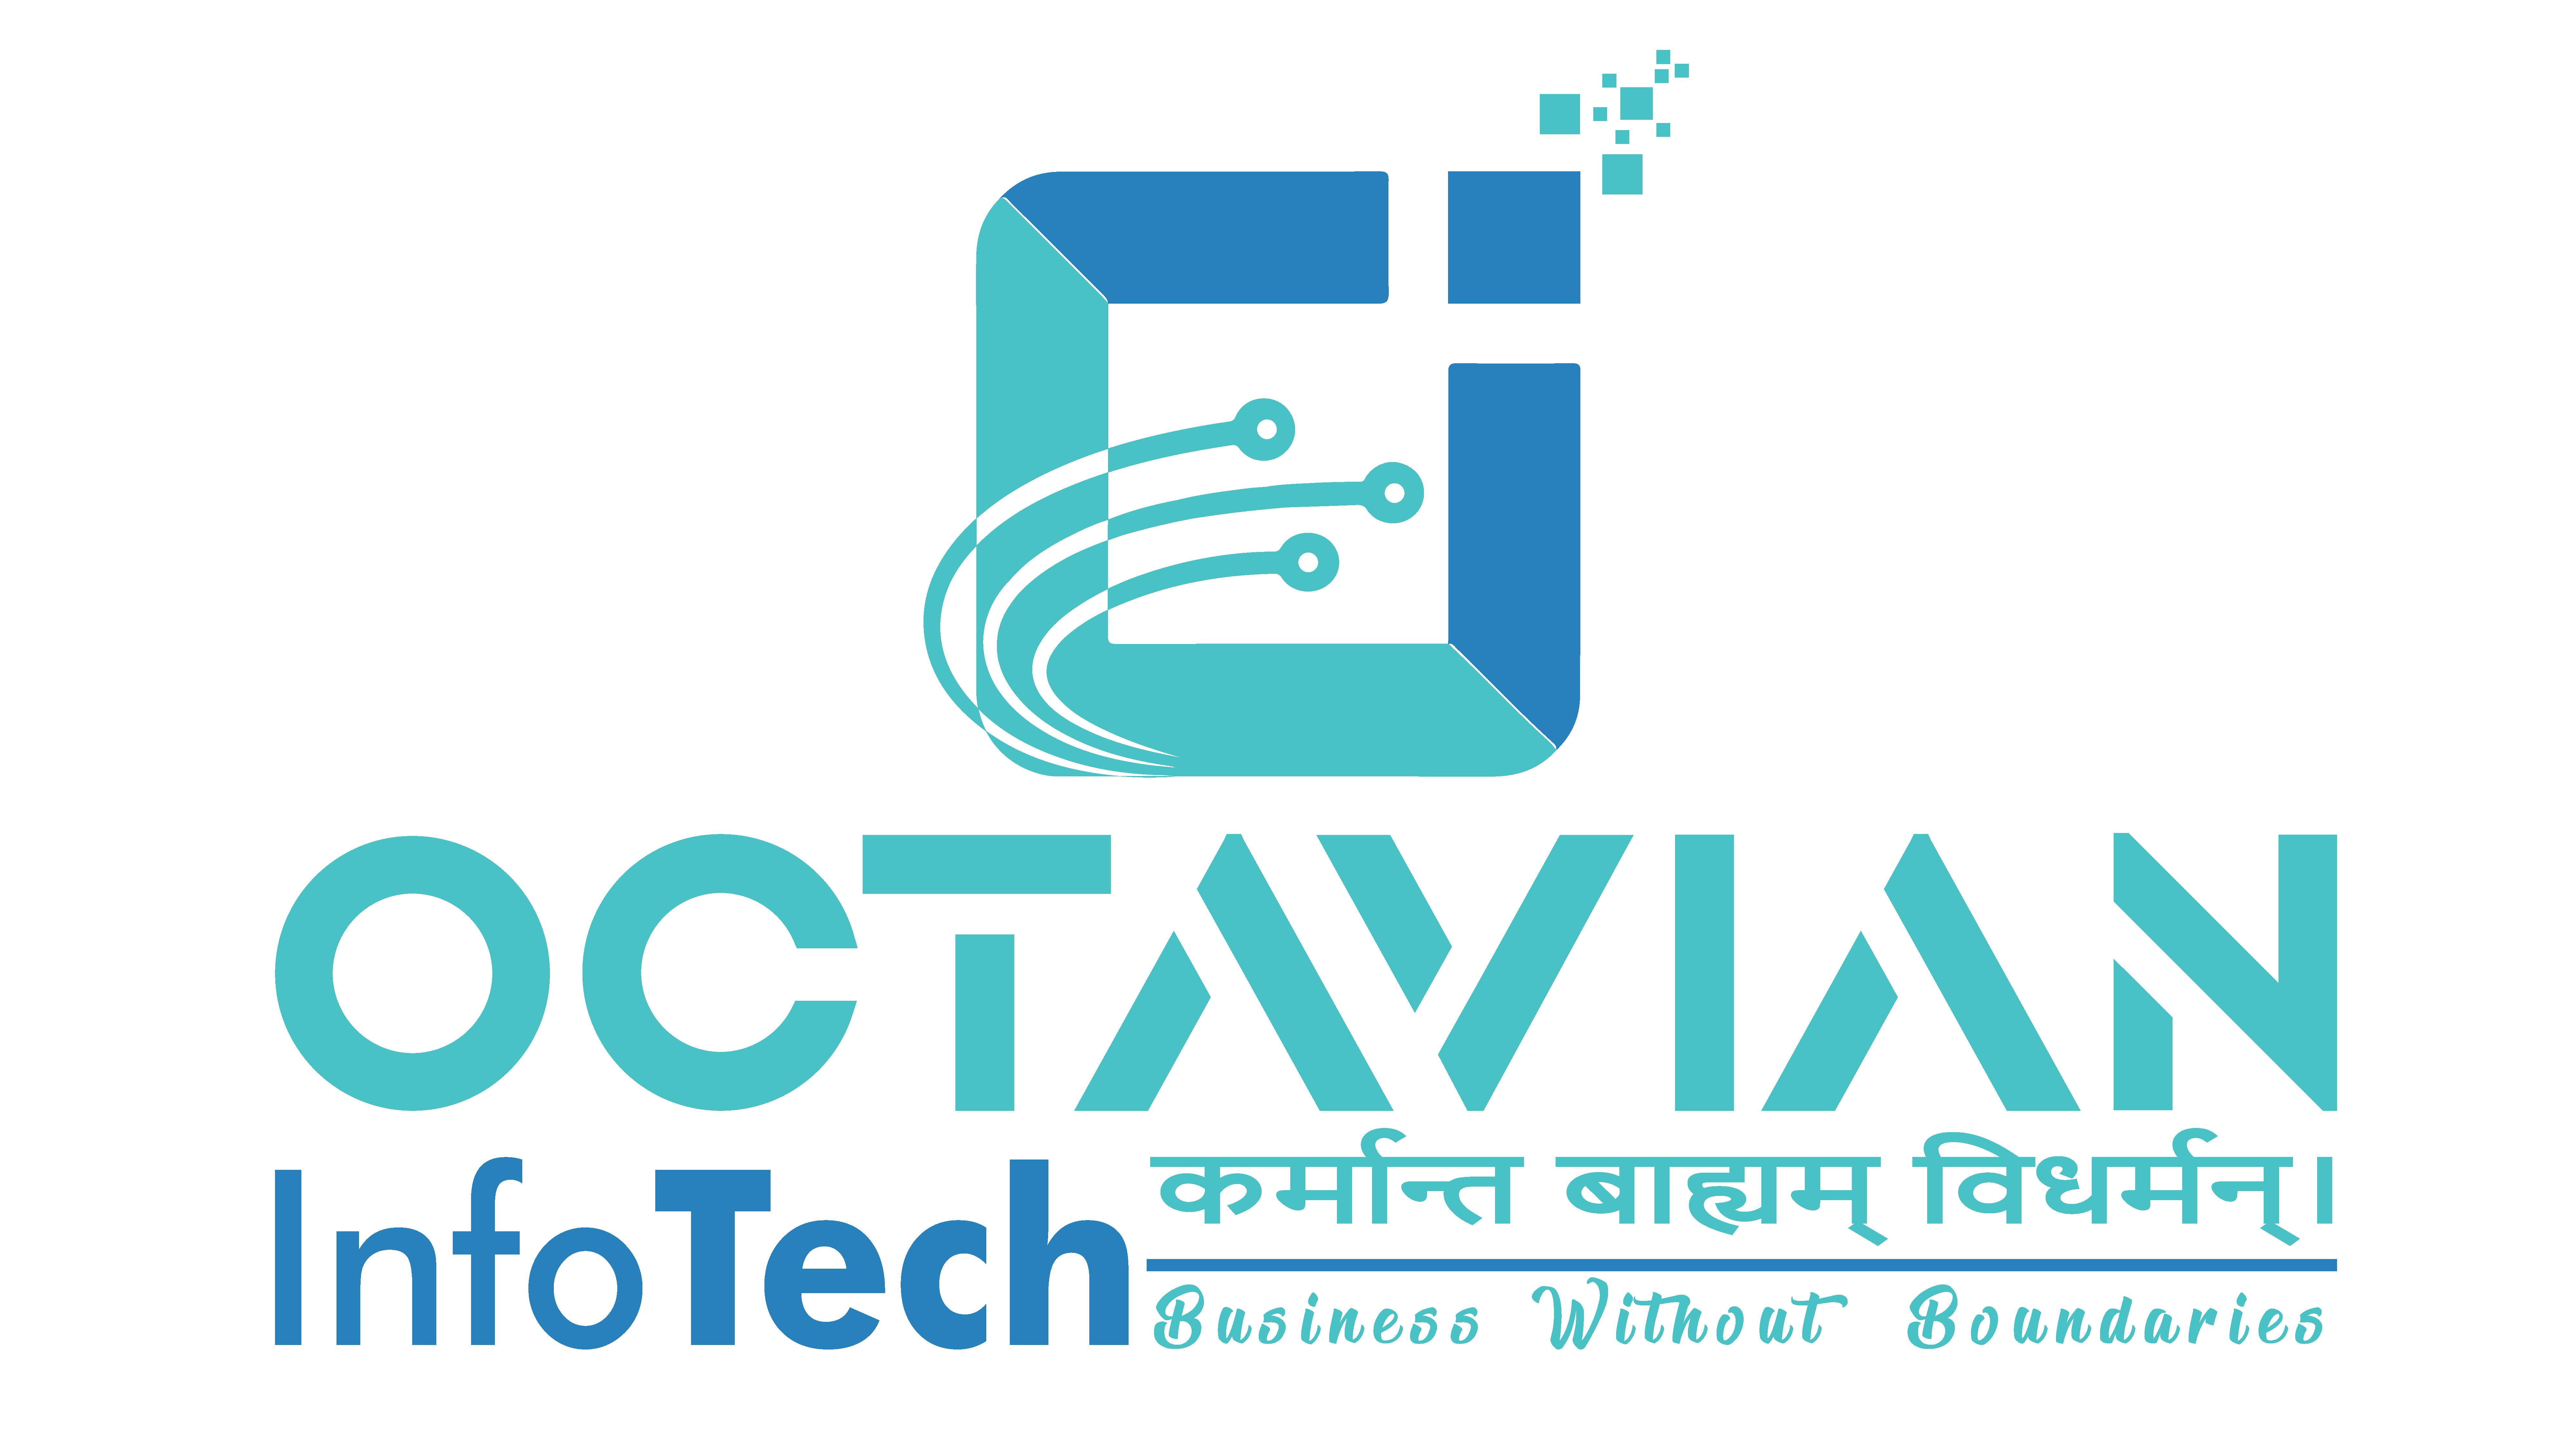 Octavian InfoTech | Software, Website, Mobile App Development & Digital Branding Company